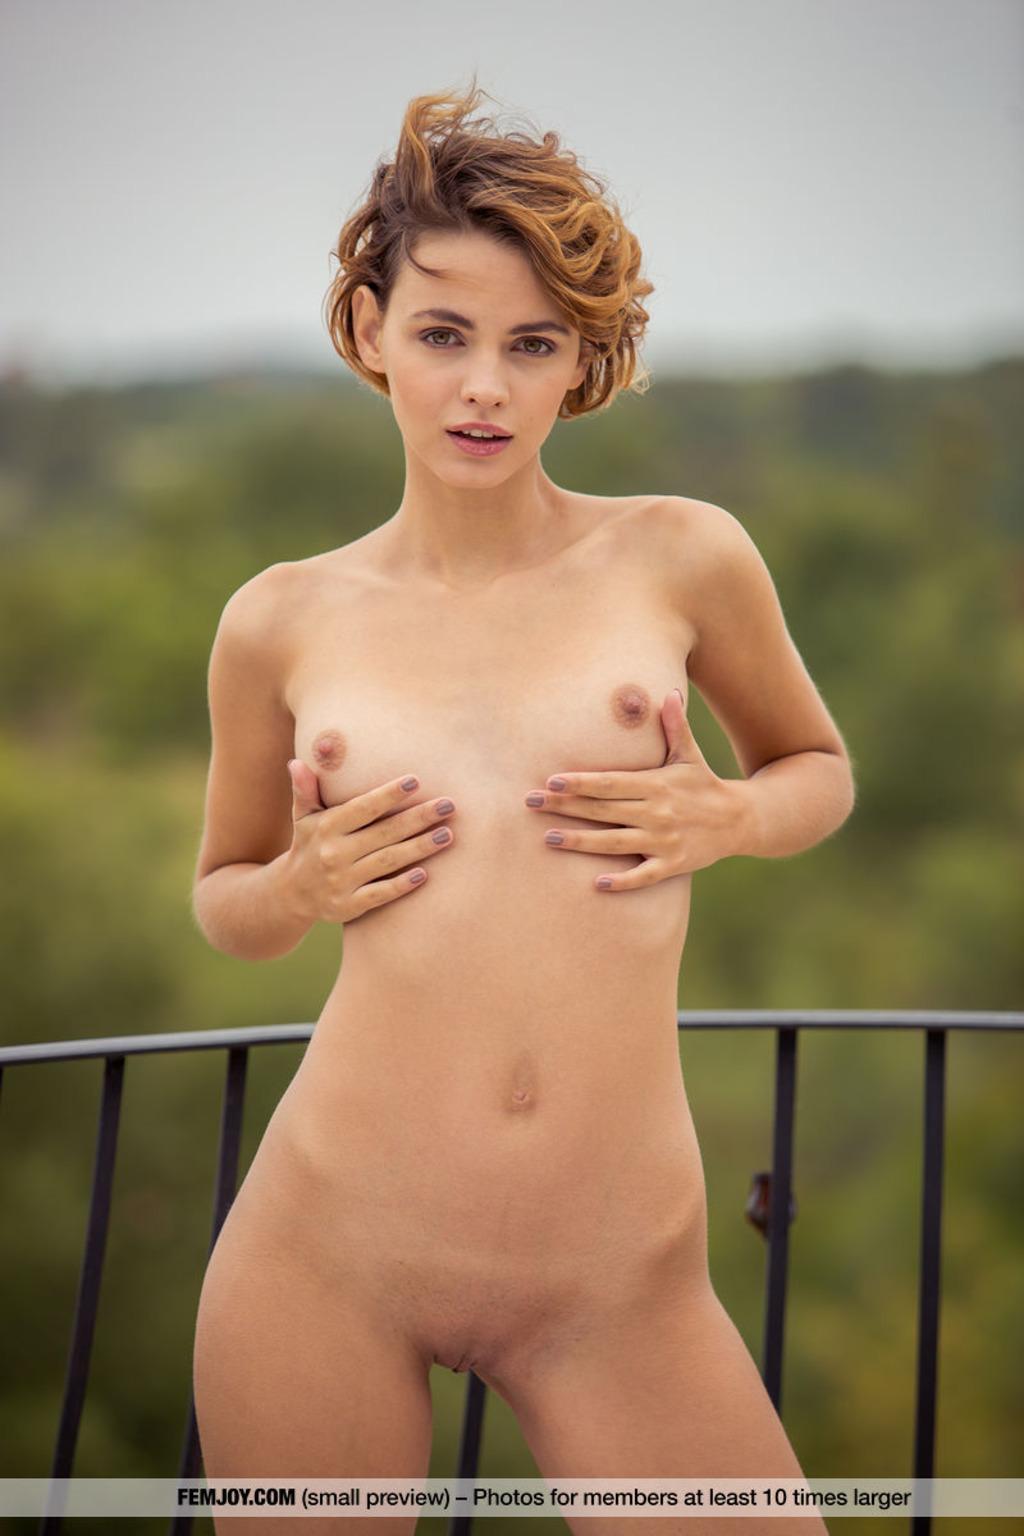 https://content3.wantedbabes.com/femjoy.com/13011/11.jpg